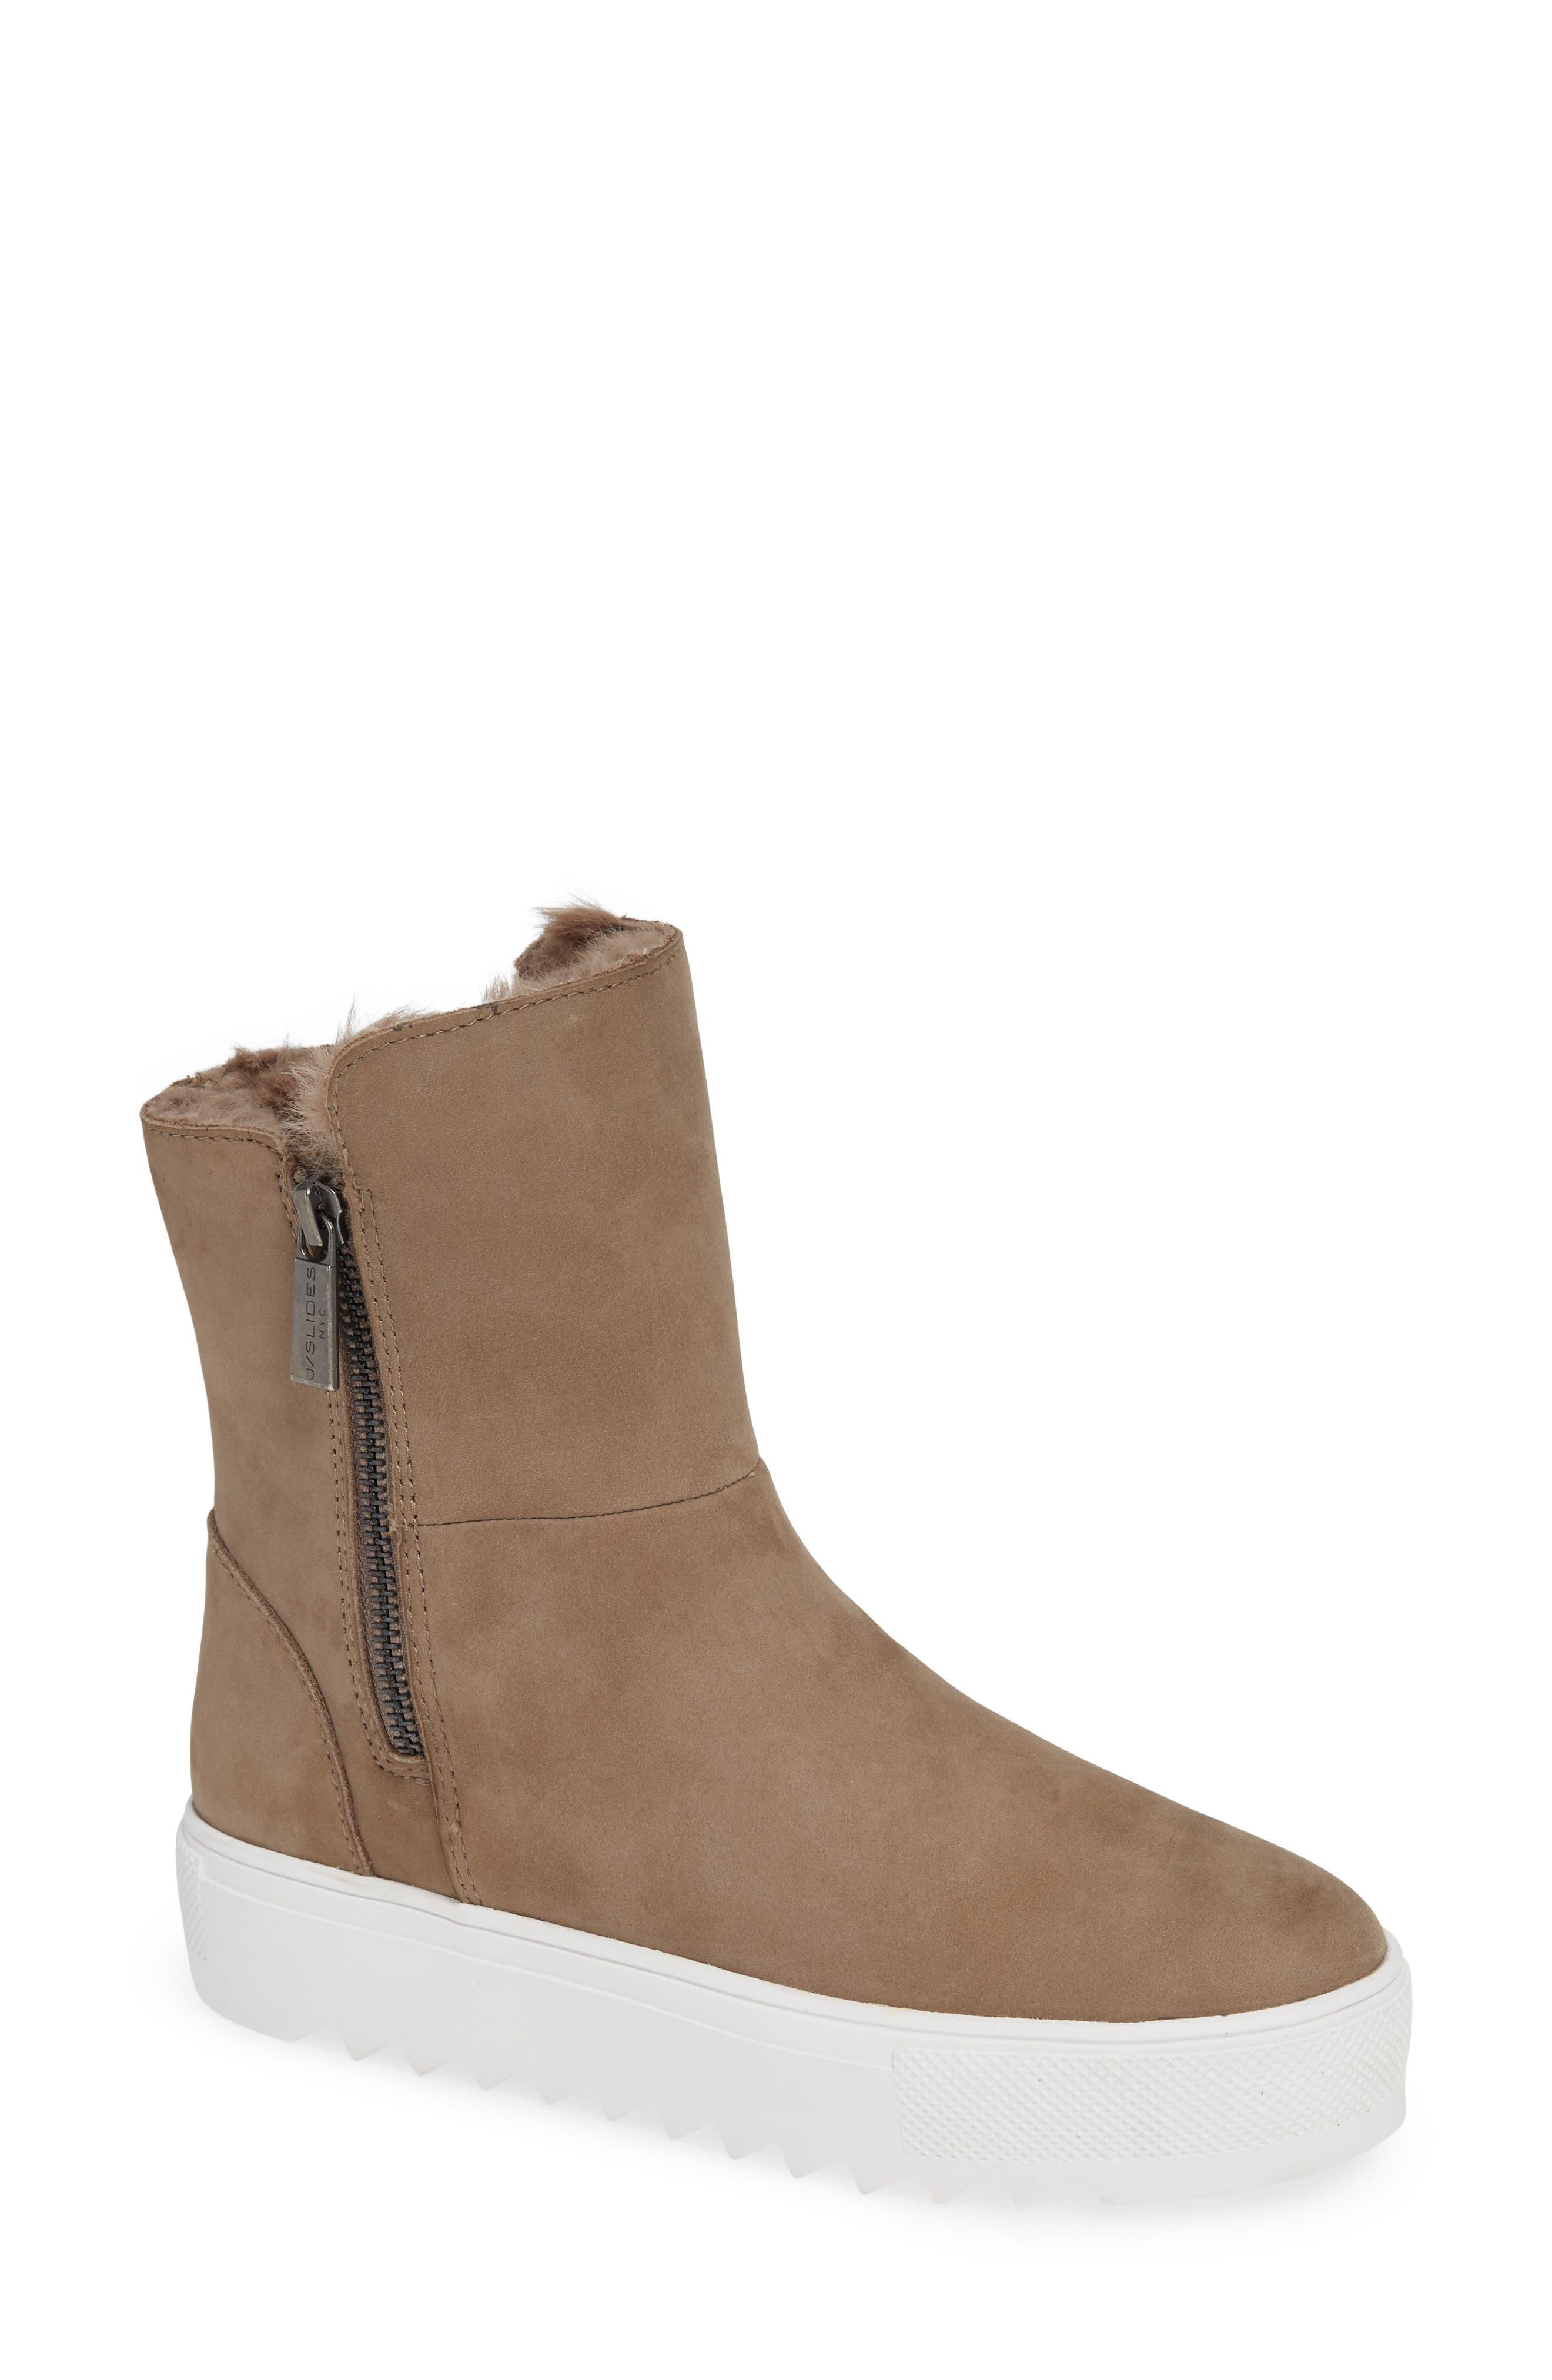 Jslides Selene Faux Fur Lined Waterproof Boot- Brown